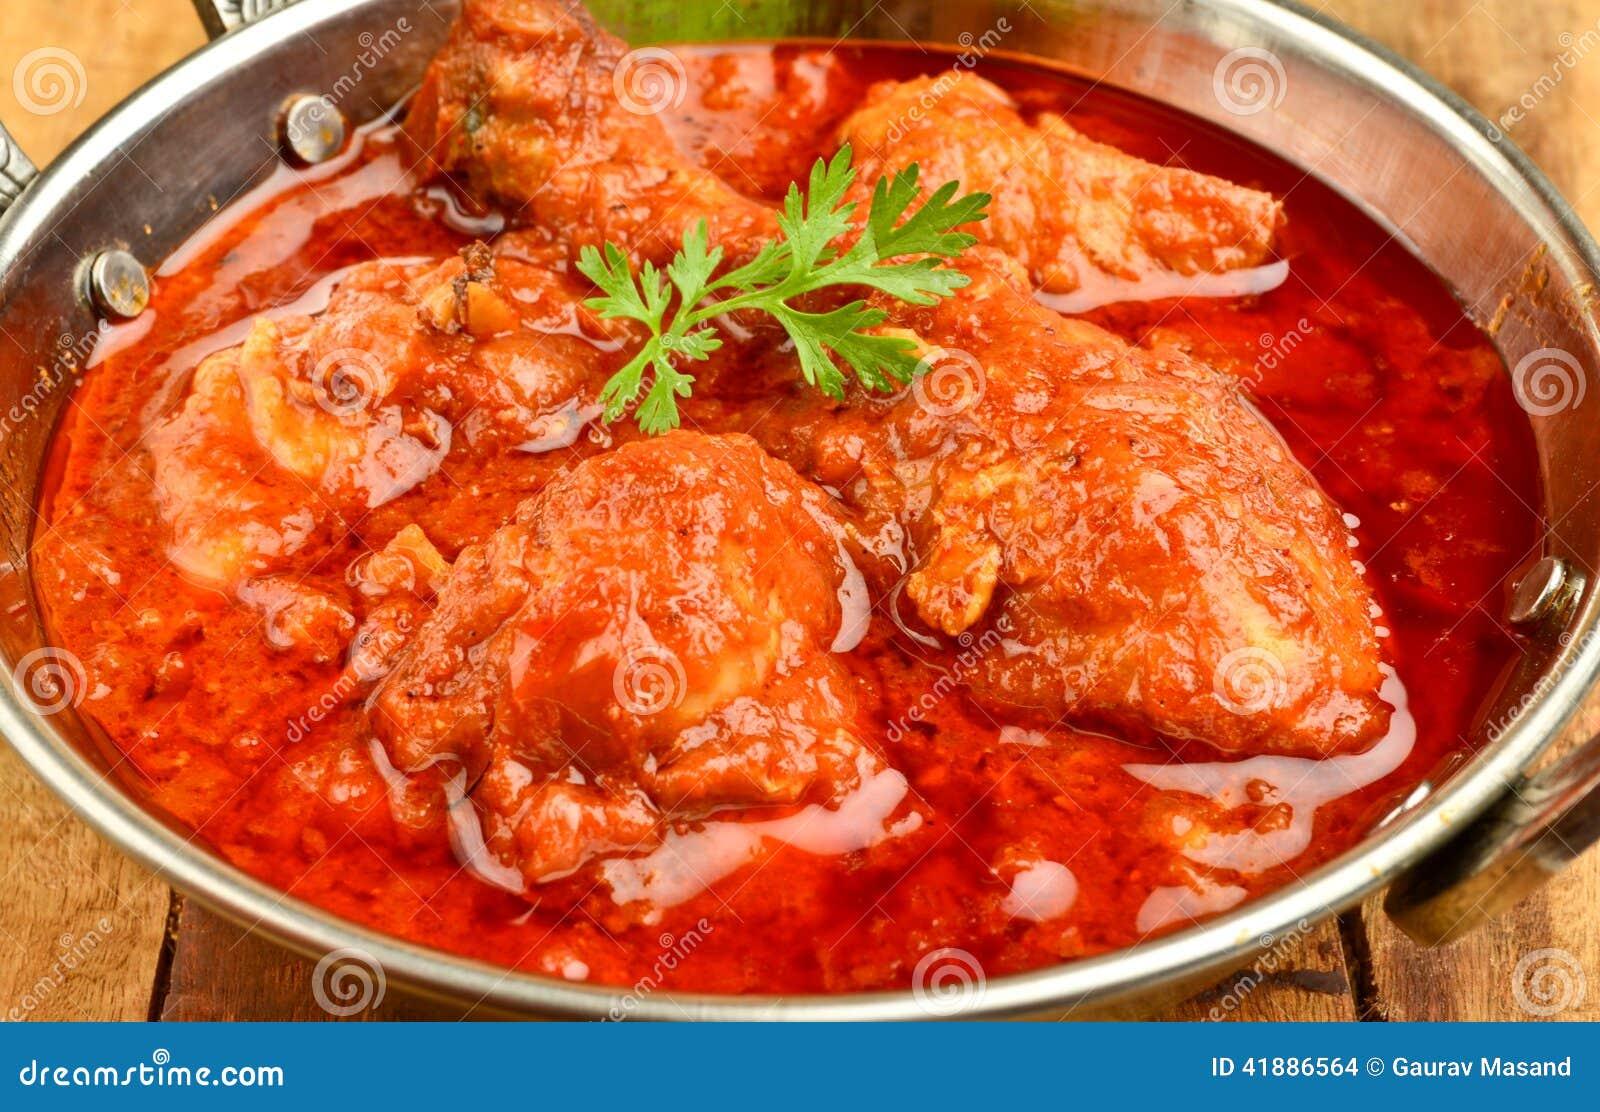 eb2f47c0 Chicken Curry stock photo. Image of delicious, katori - 41886564